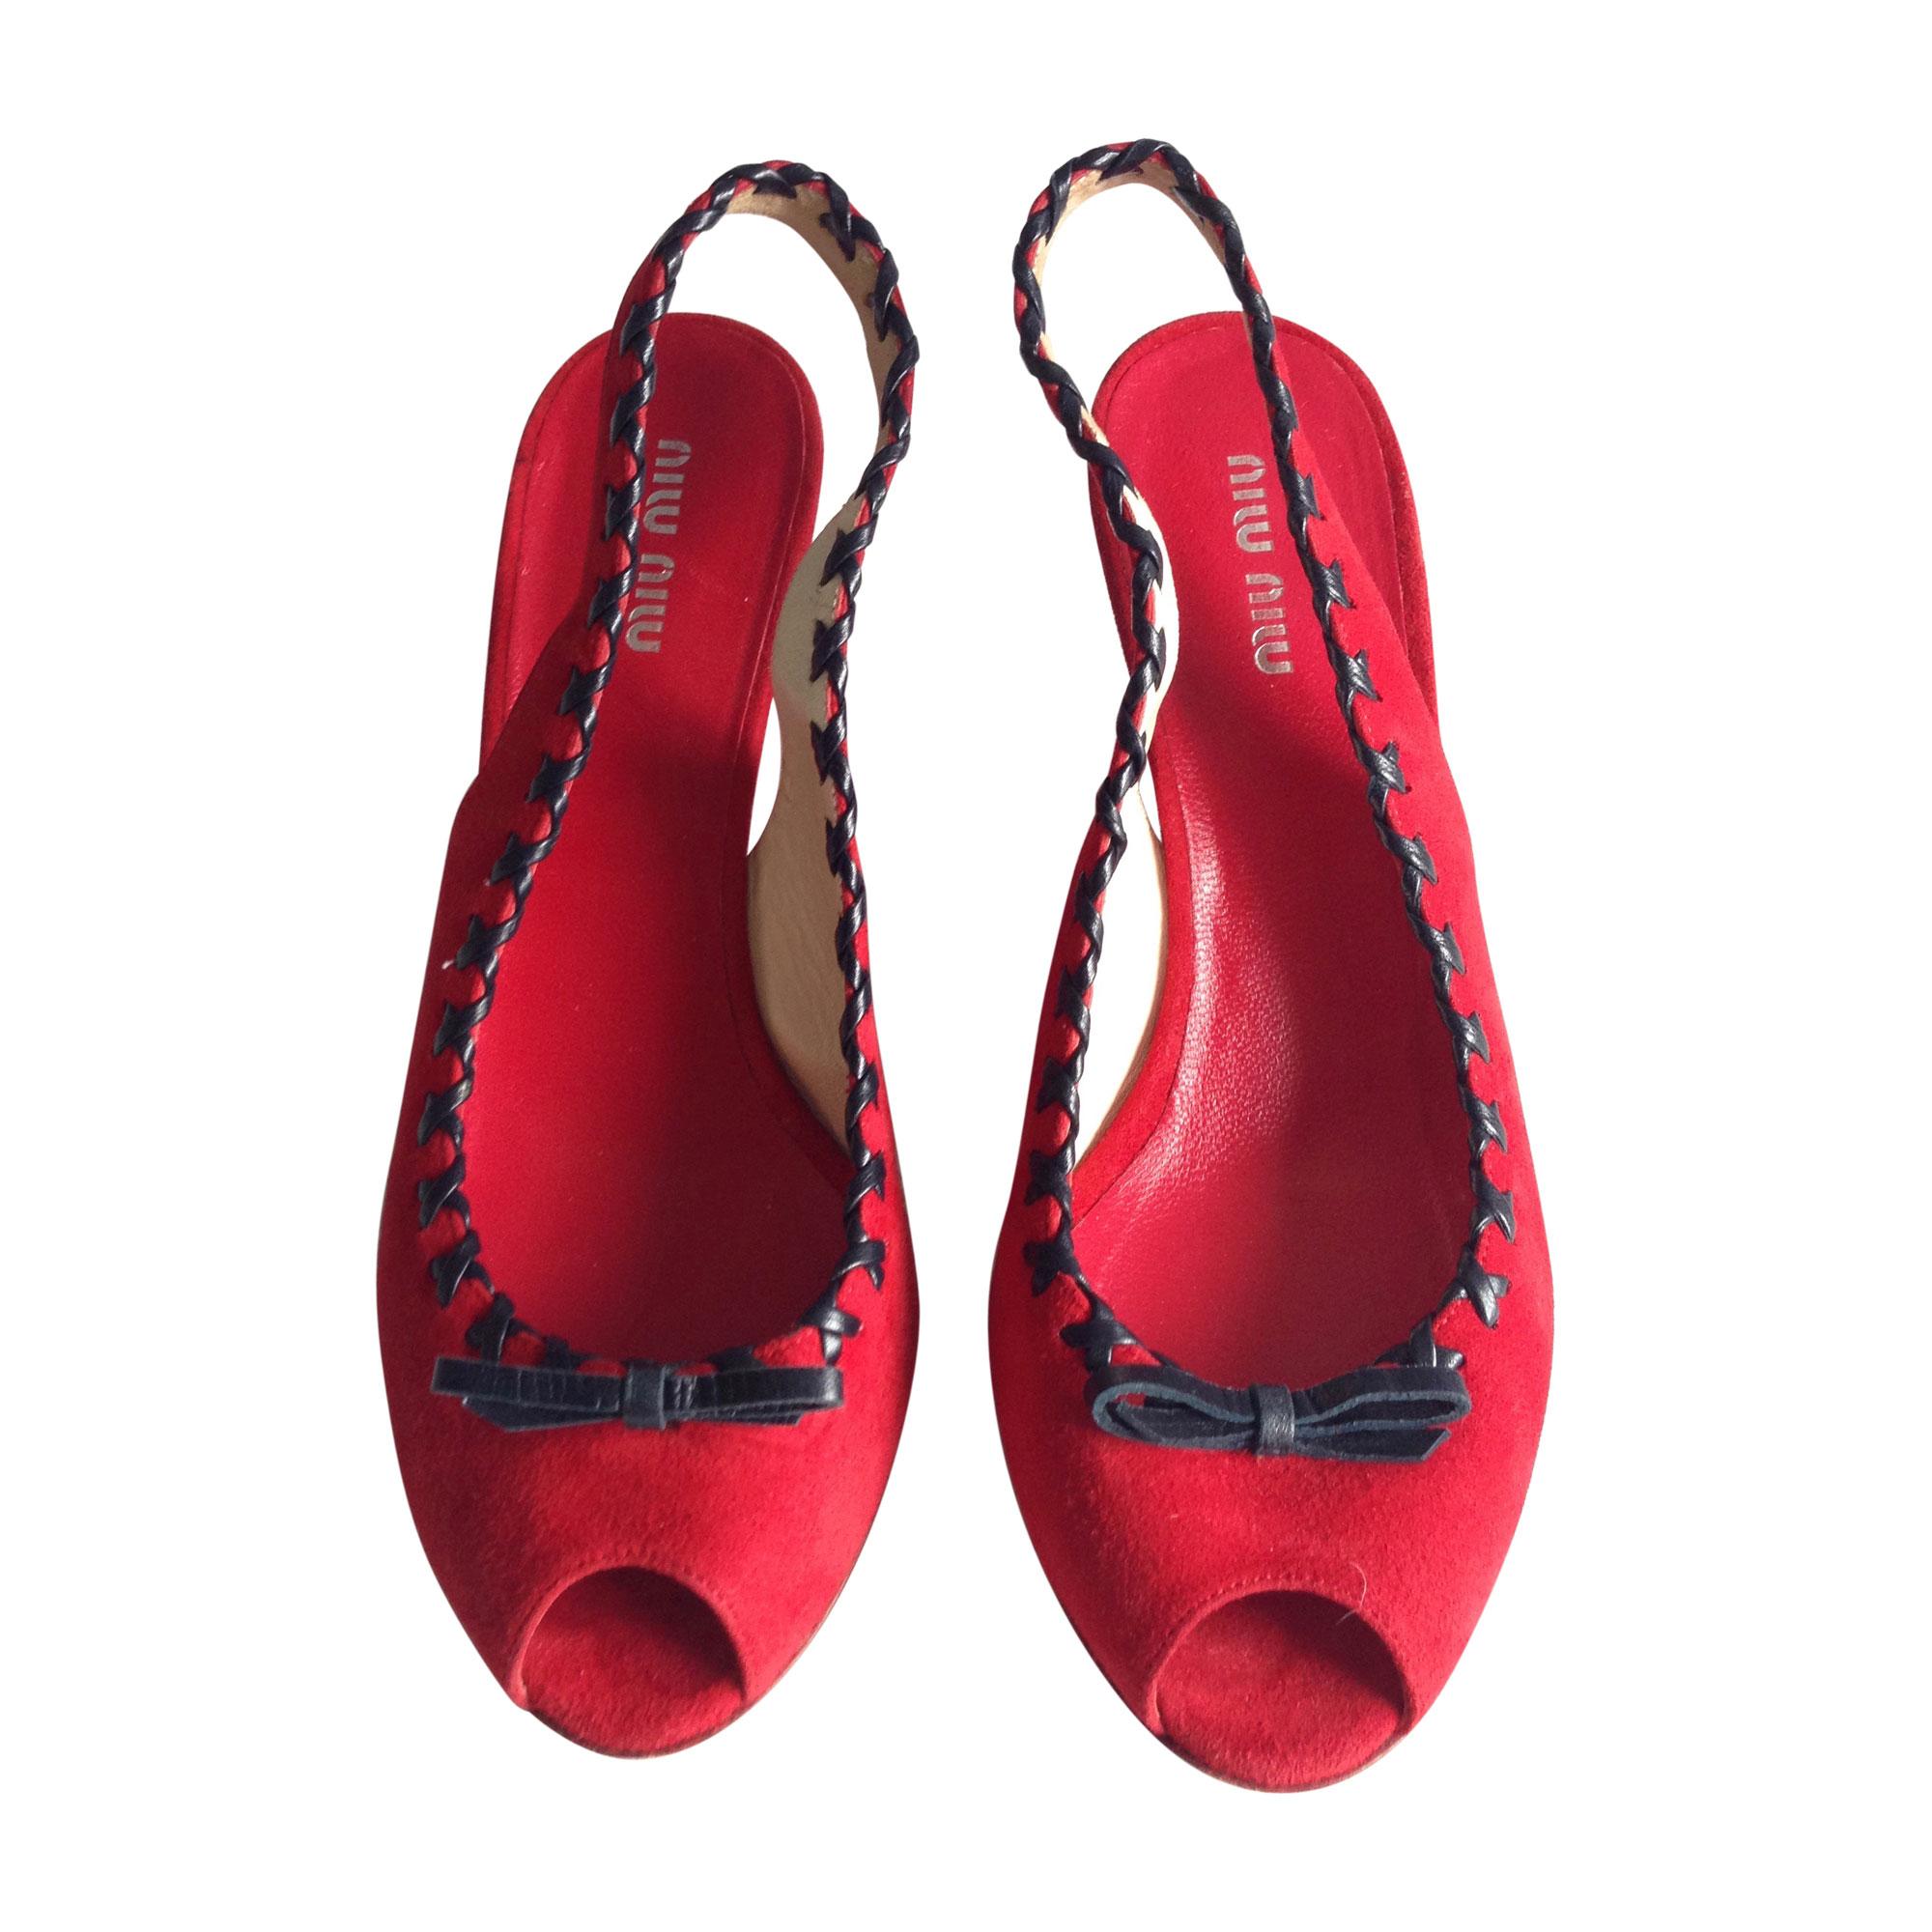 Sandales compensées MIU MIU Rouge, bordeaux